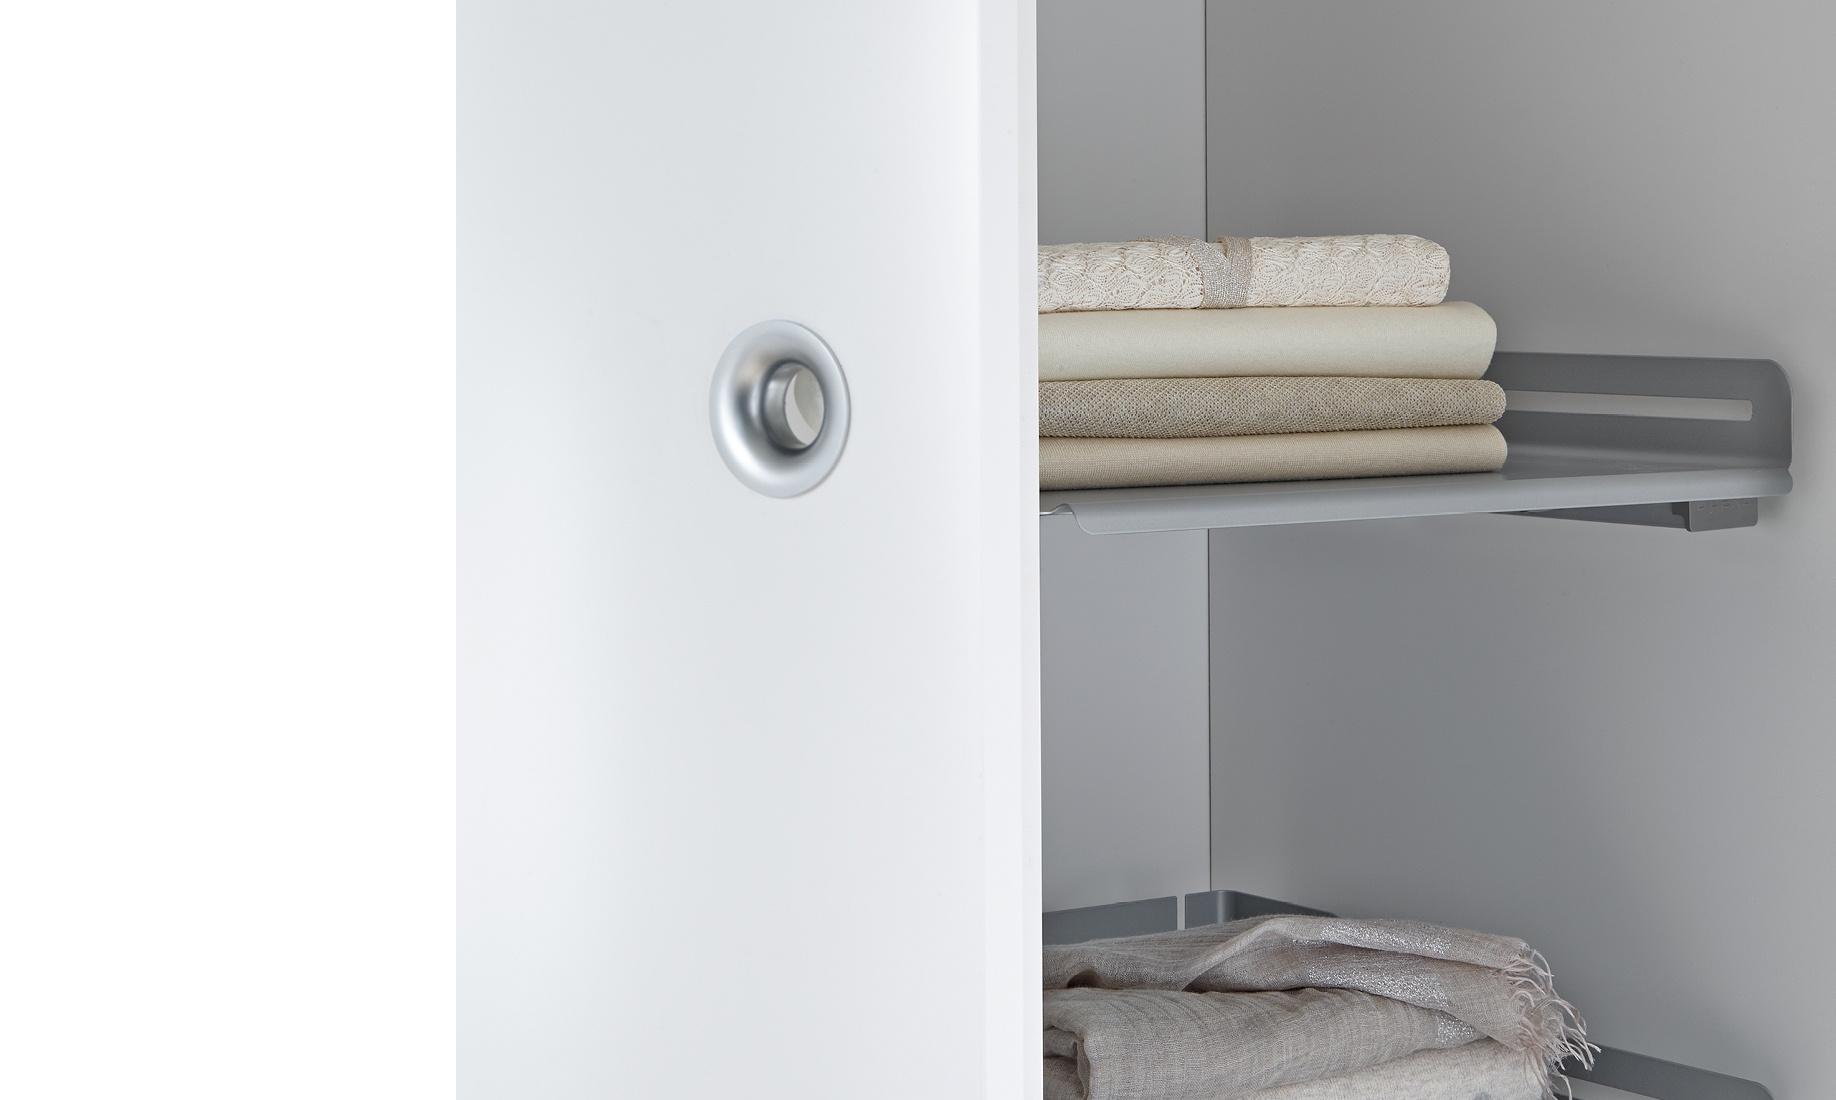 Restposten Kleiderschranke Waschbeckenunterschrank Waschtisch